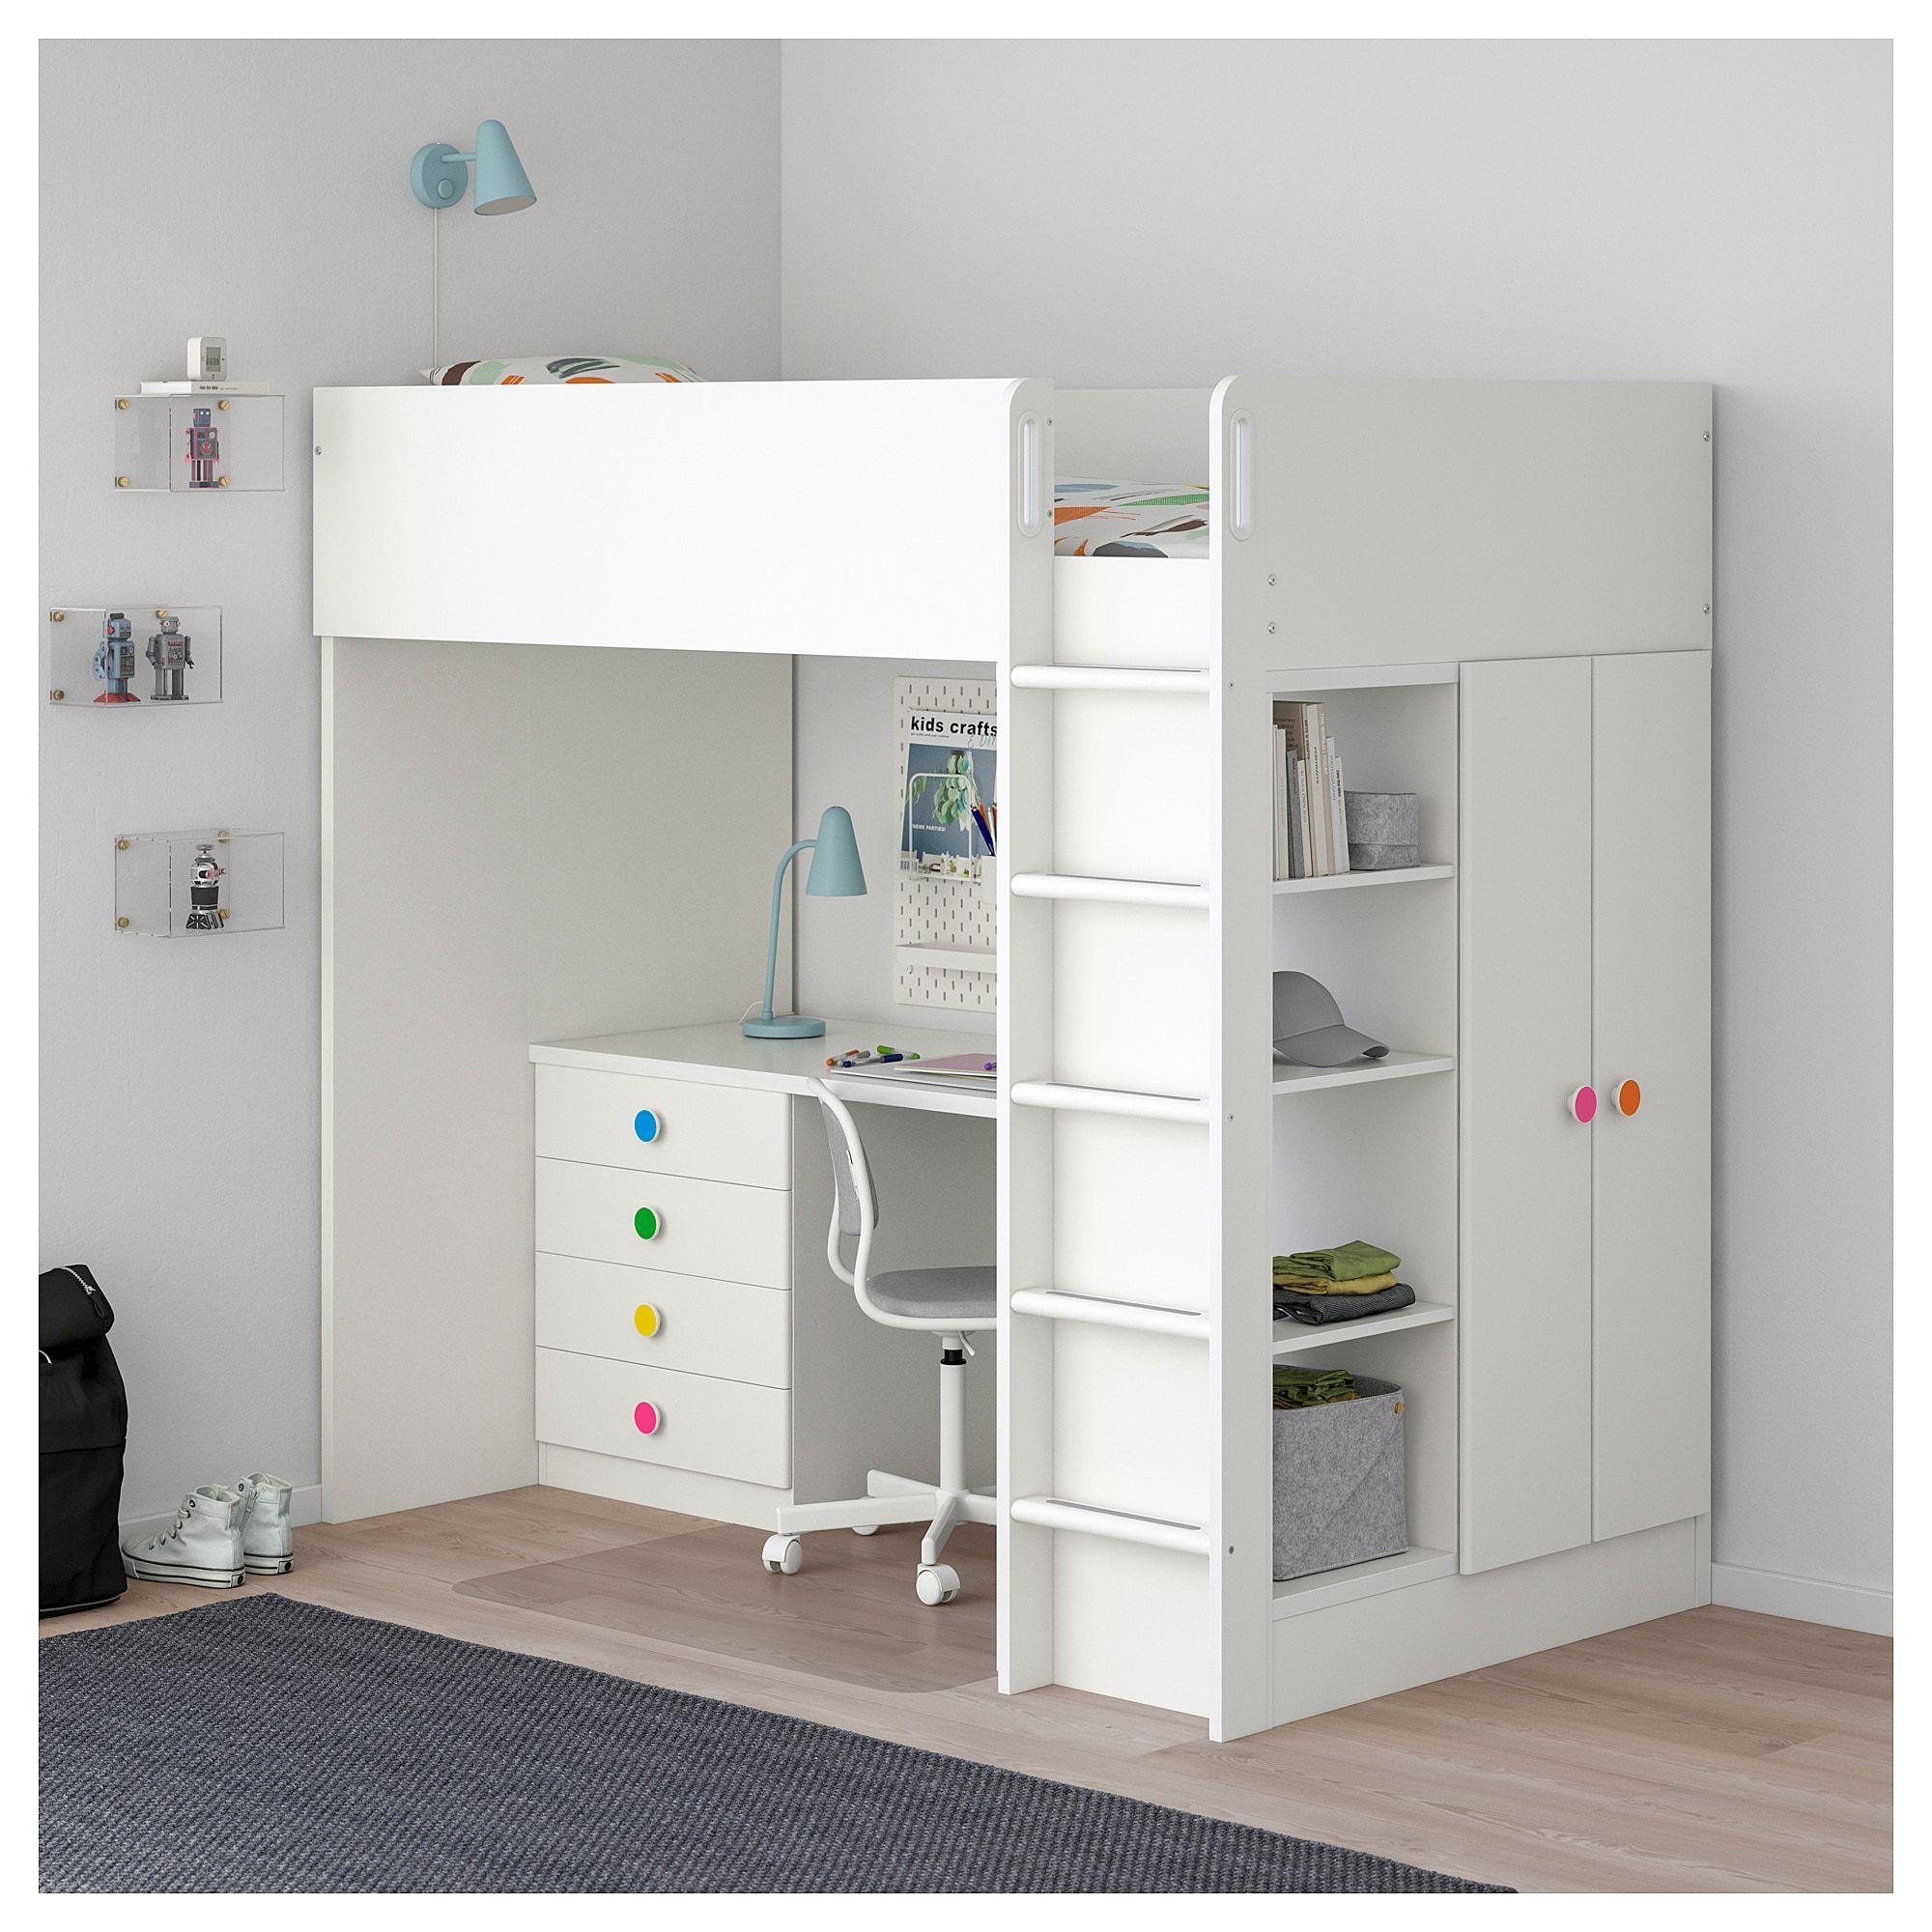 Furniture Home Furnishings Find Your Inspiration Ikea Loft Bed Loft Bed Frame Stuva Loft Bed